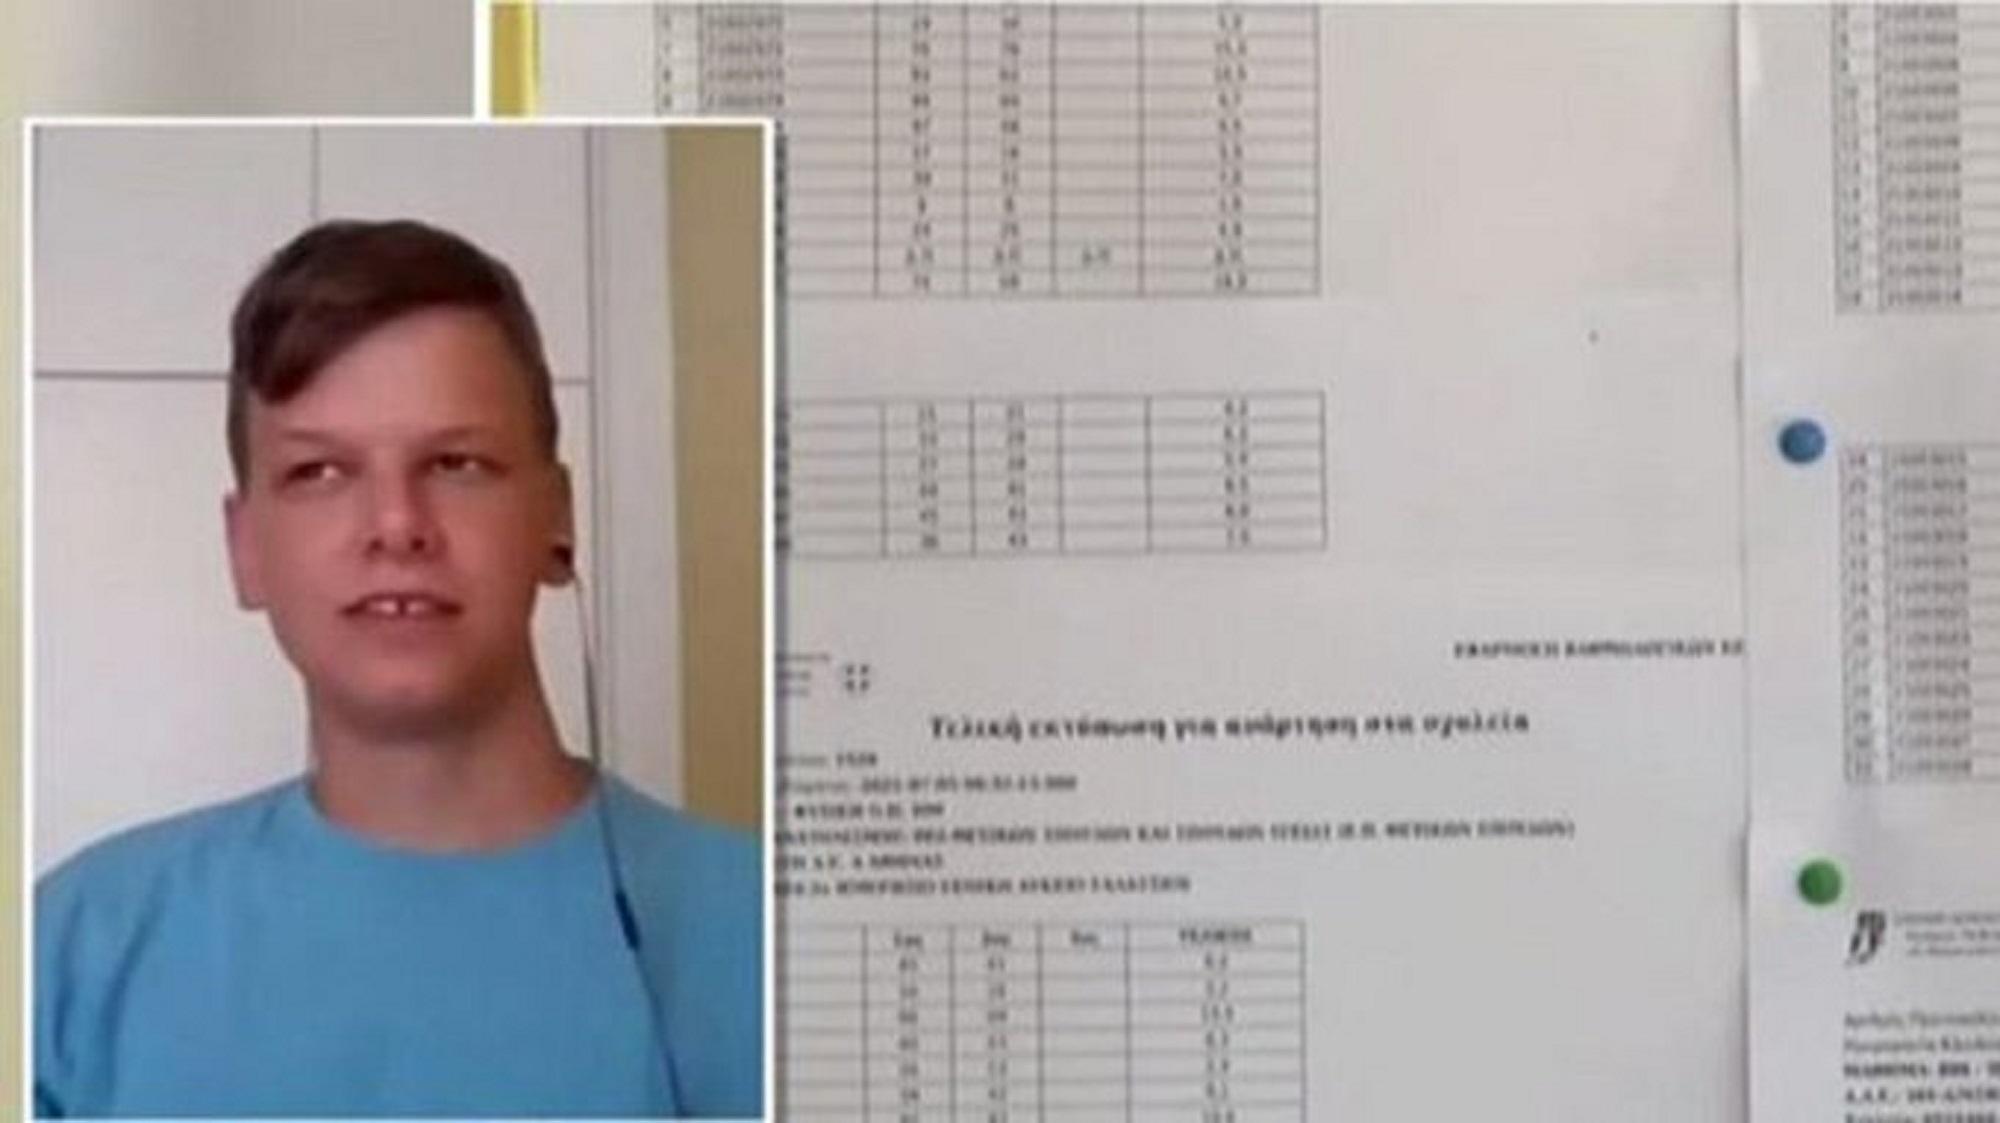 Αριστείο ψυχής: Στην Ιατρική πέρασε ο 18χρονος που έχασε τους γονείς του από Covid